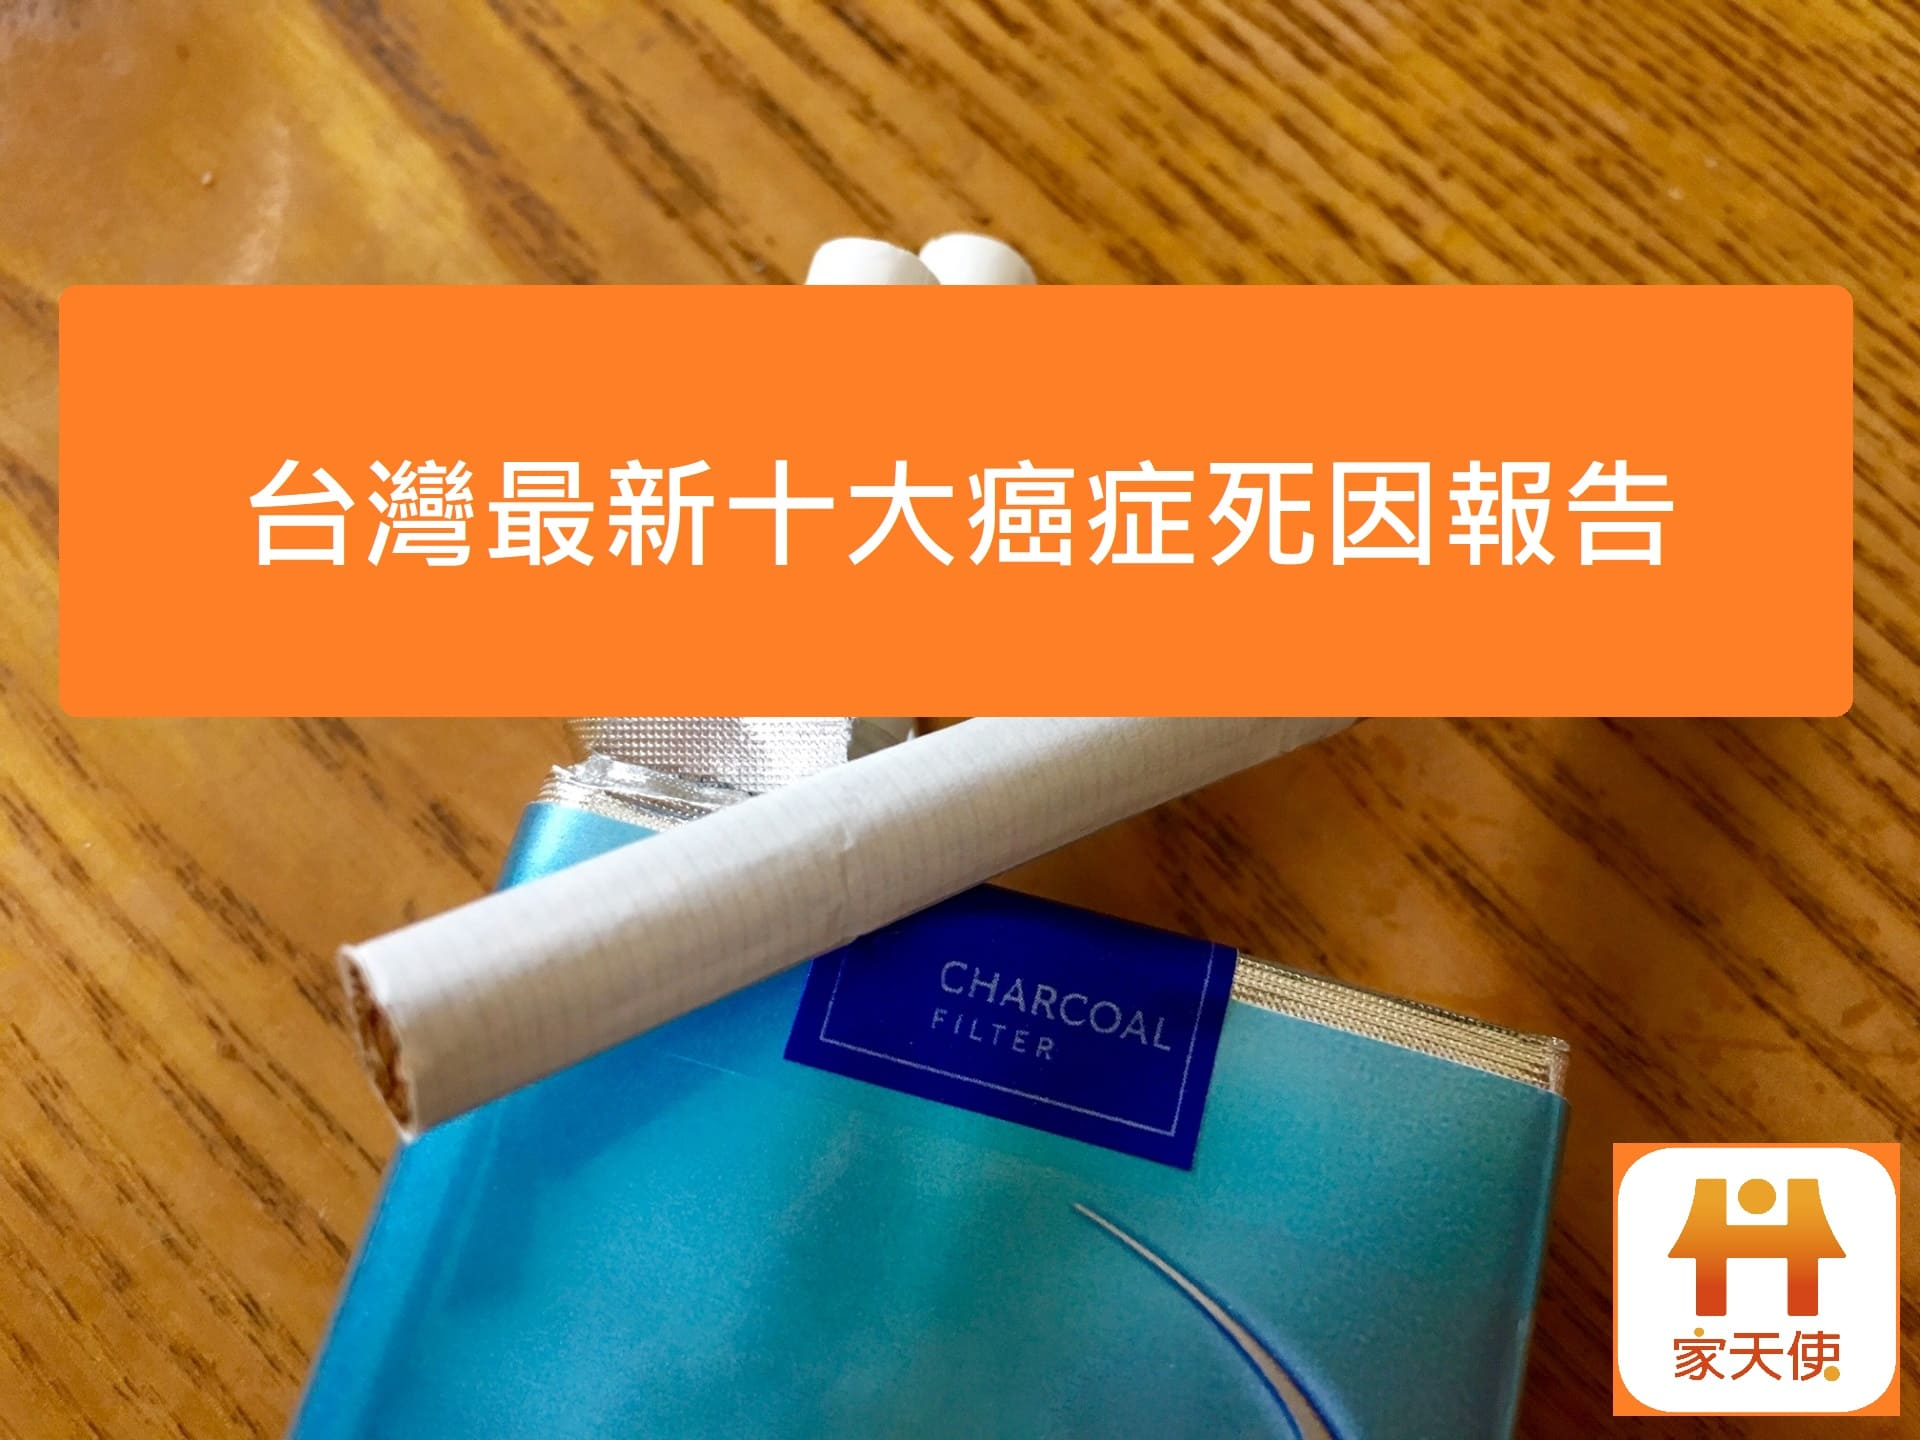 台灣最新十大癌症報告!女性要特別注意肺癌!│家天使居家照顧APP